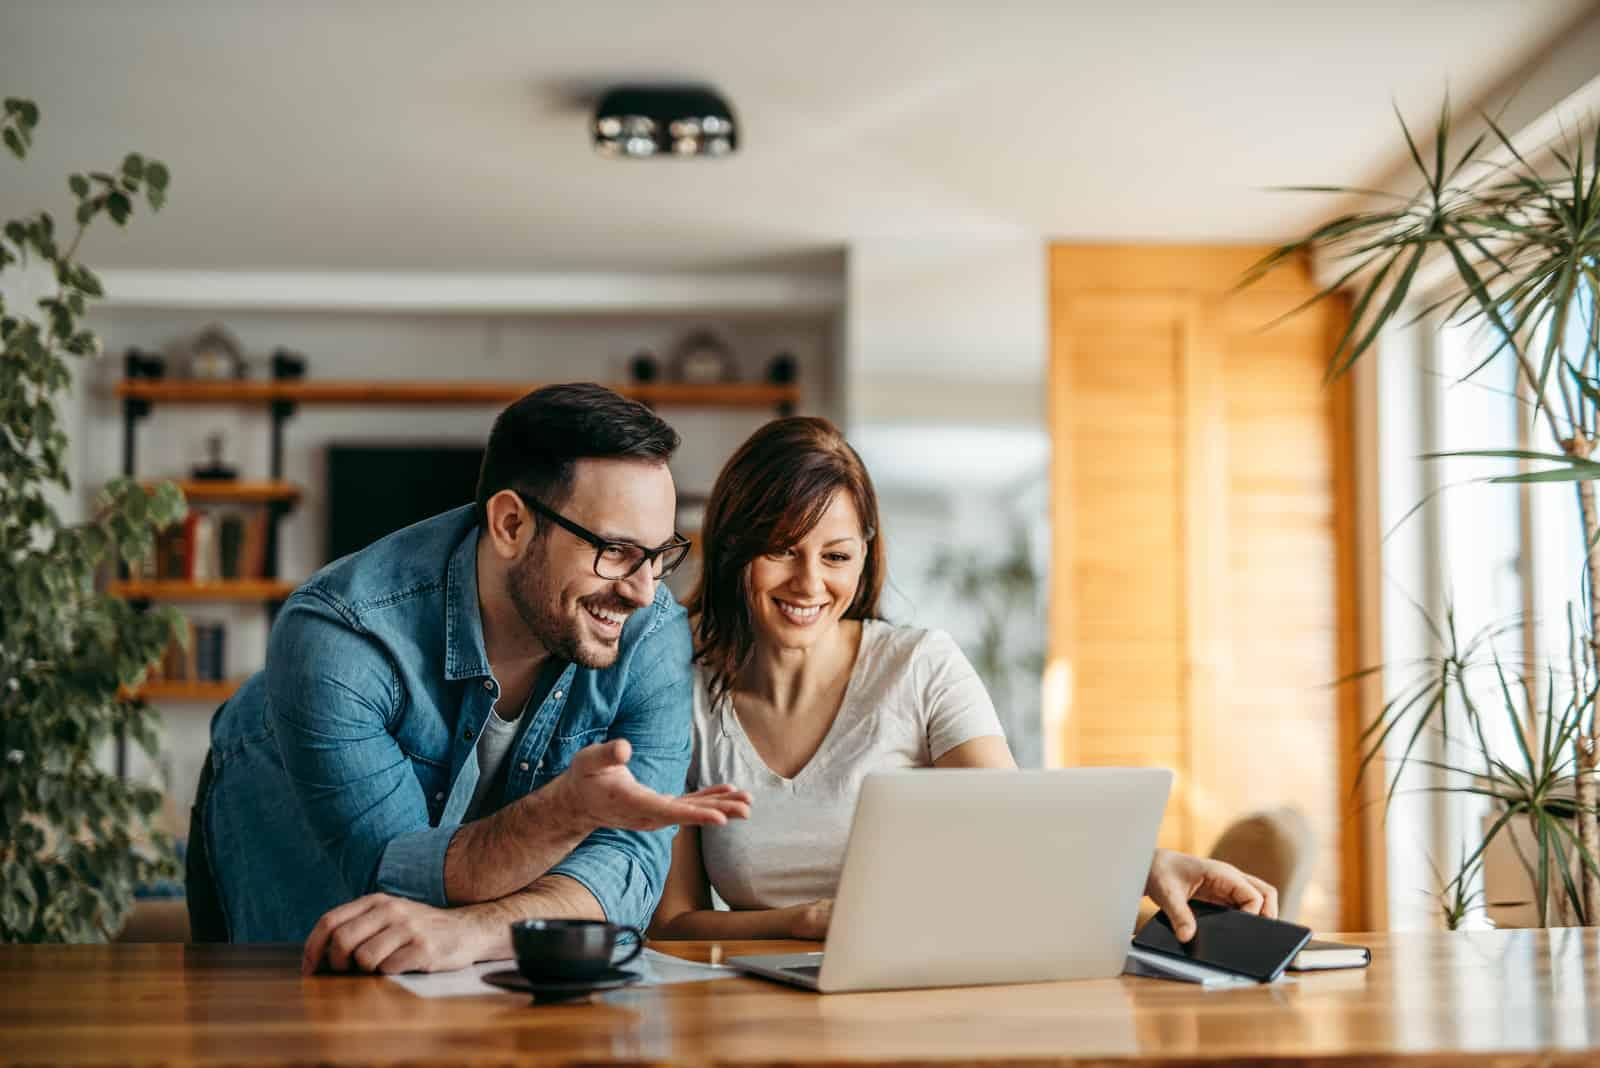 ein lächelndes Paar, das Kaffee trinkt und etwas auf einem Laptop betrachtet